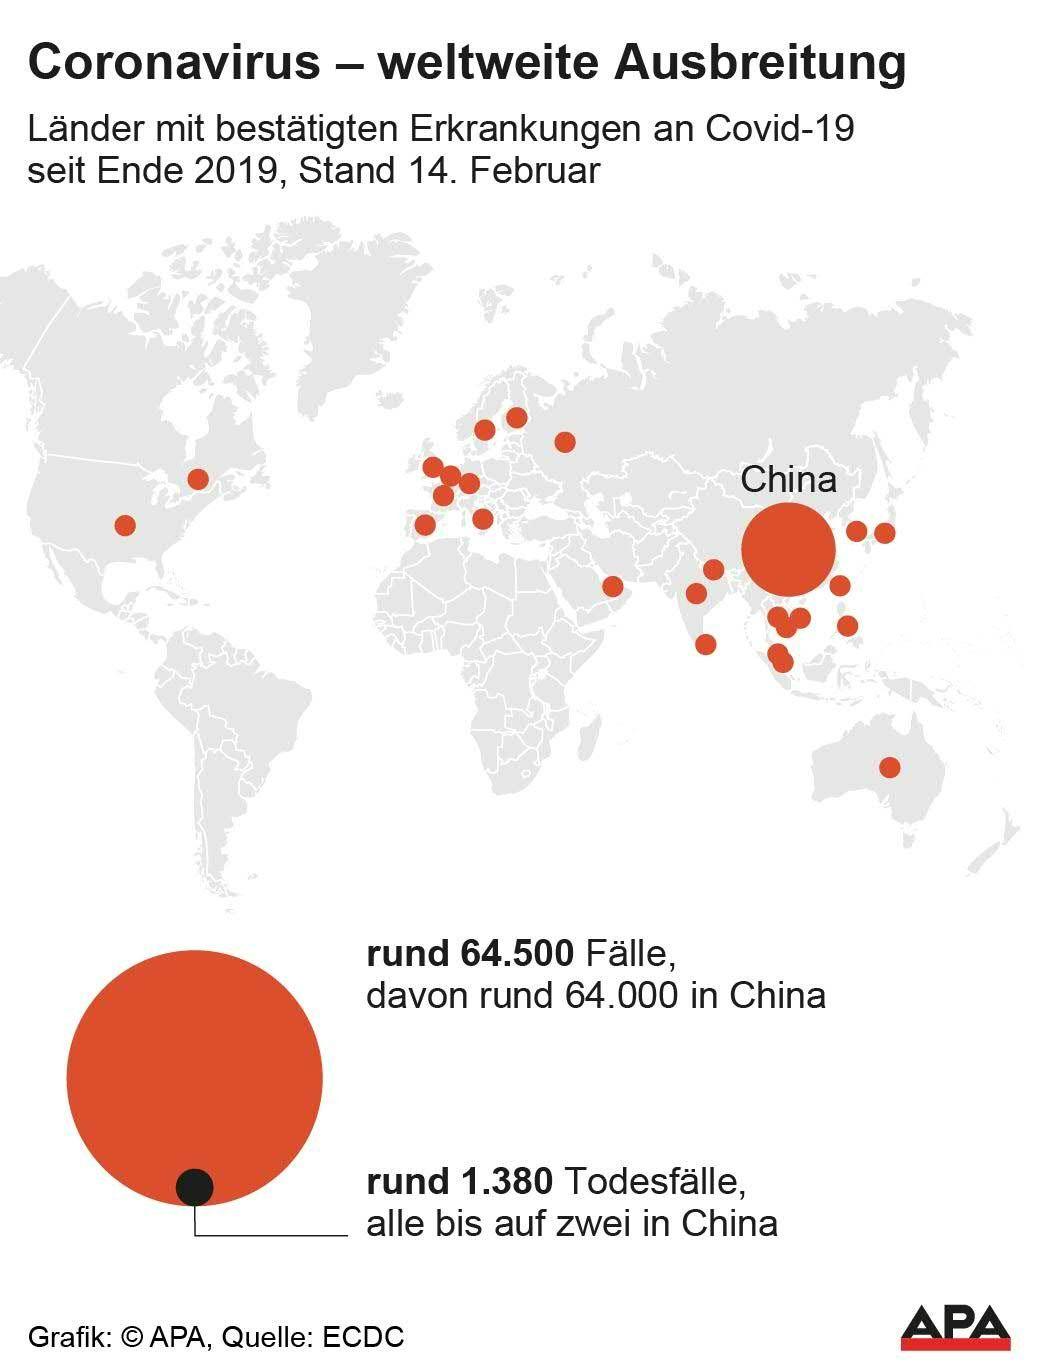 Coronavirus Infektionen China